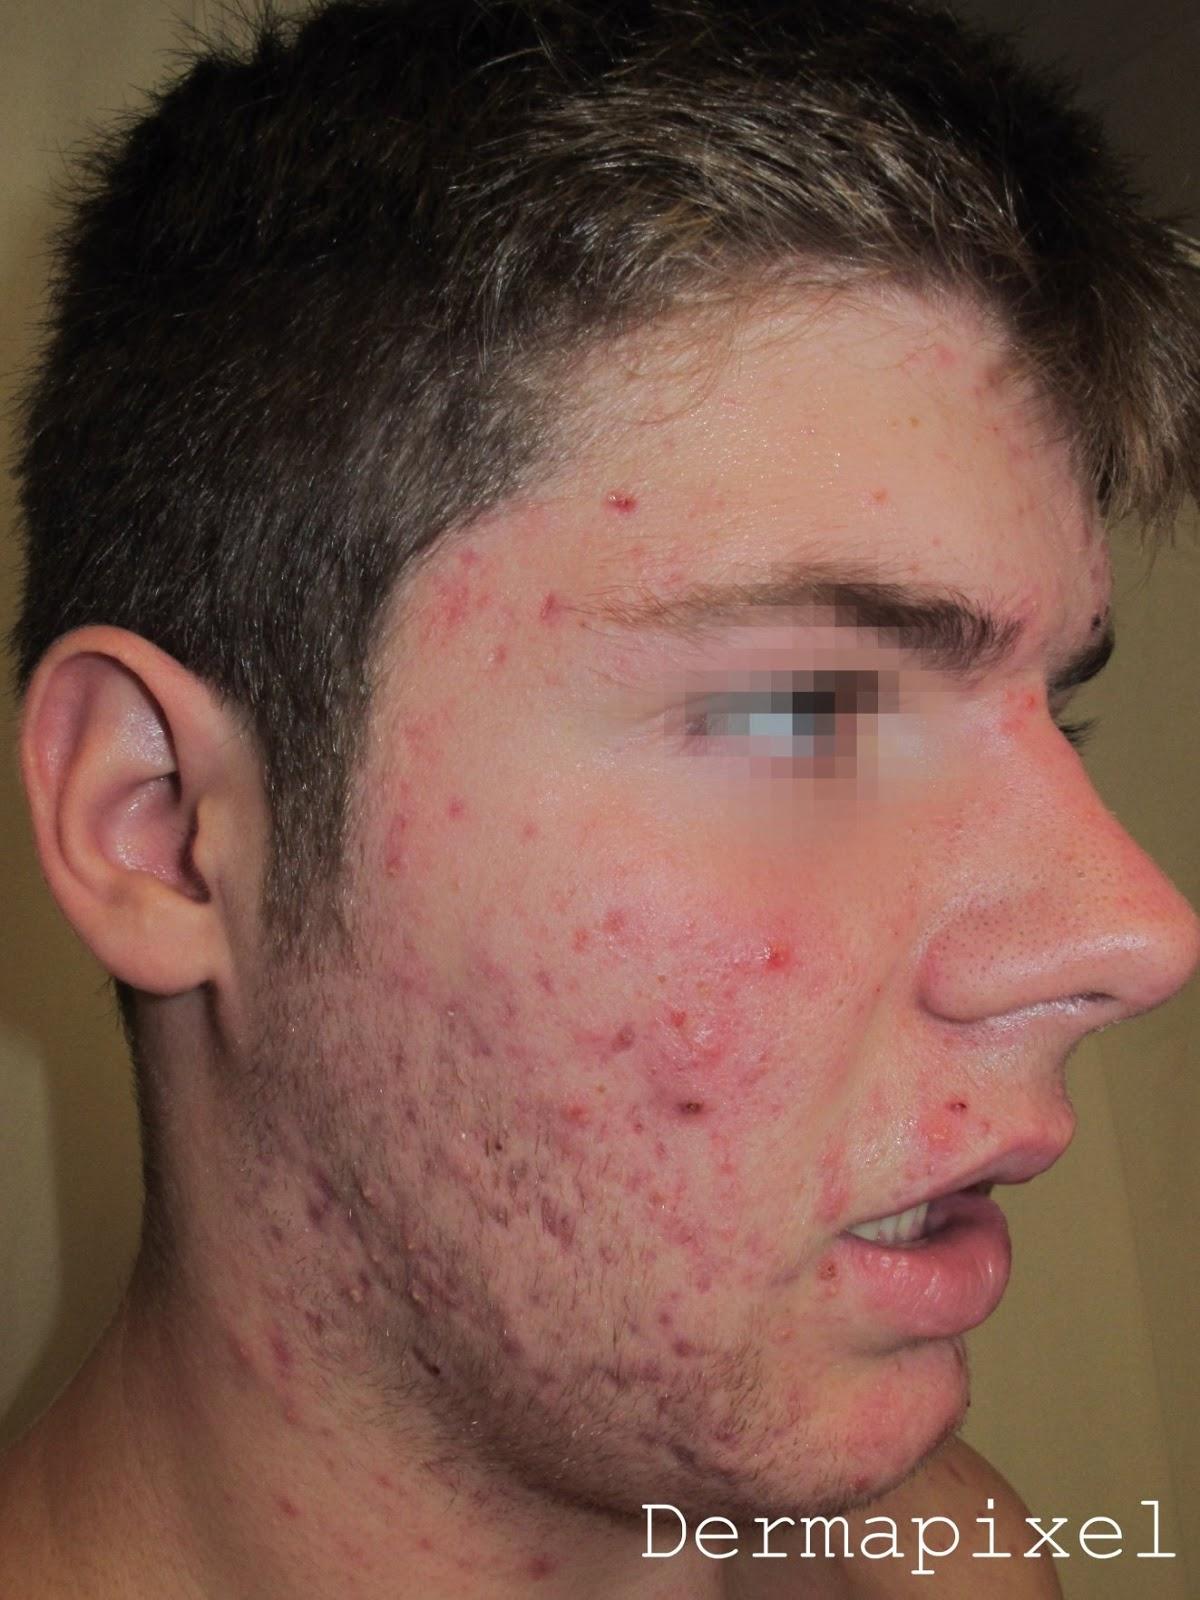 Como quitar la mancha de pigmento sobre el ojo